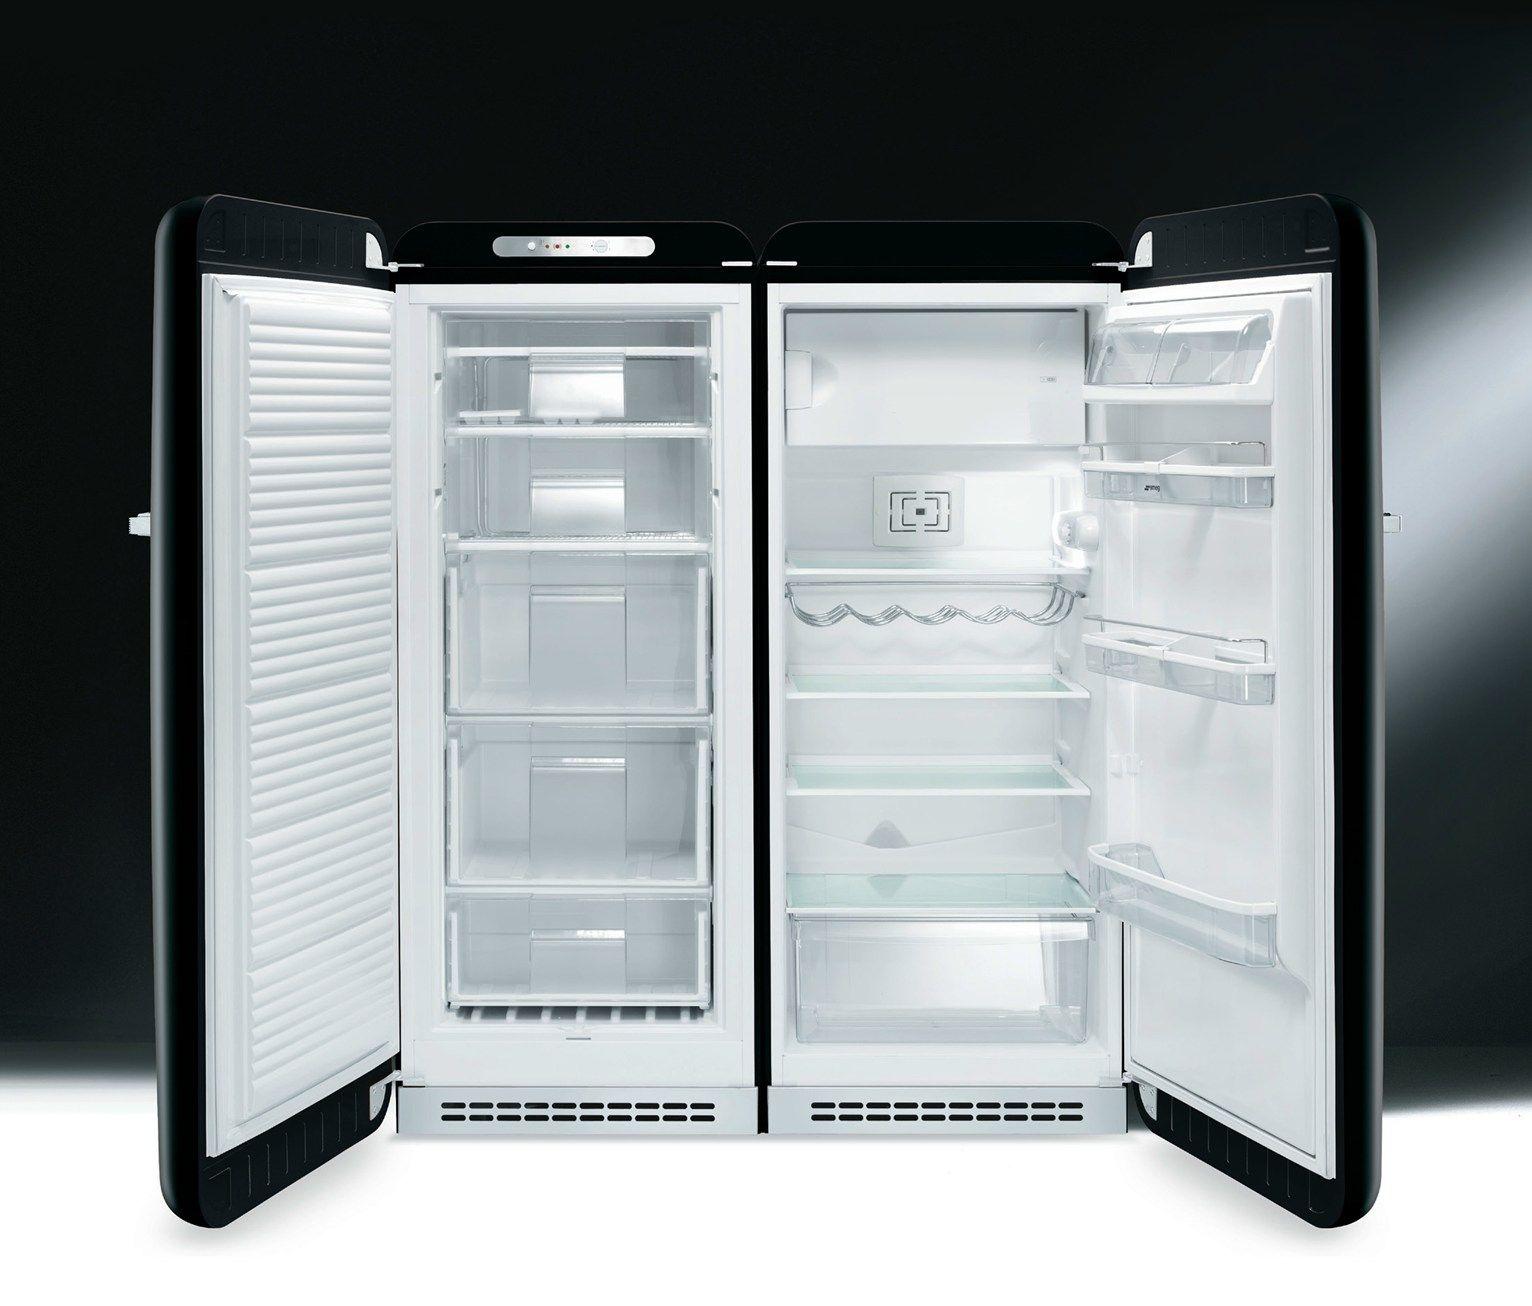 Anni 50 Frigorifero Smeg smeg protagonista con il freezer in stile anni '50